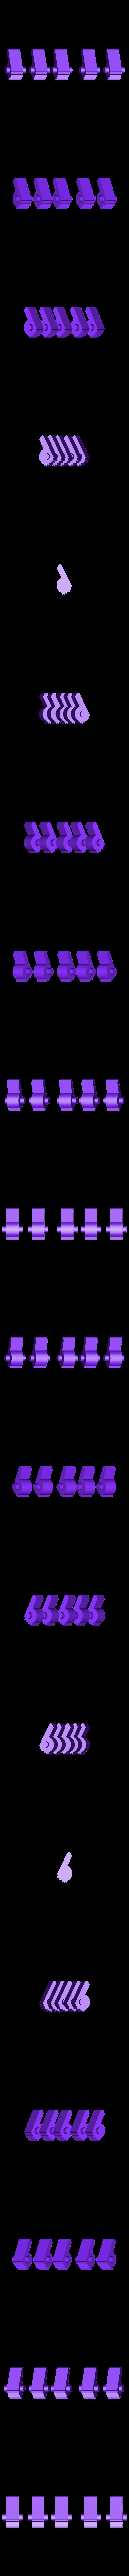 pegs_to_print.stl Télécharger fichier STL gratuit Jouets Instruments de musique • Plan pour impression 3D, leothemakerprince